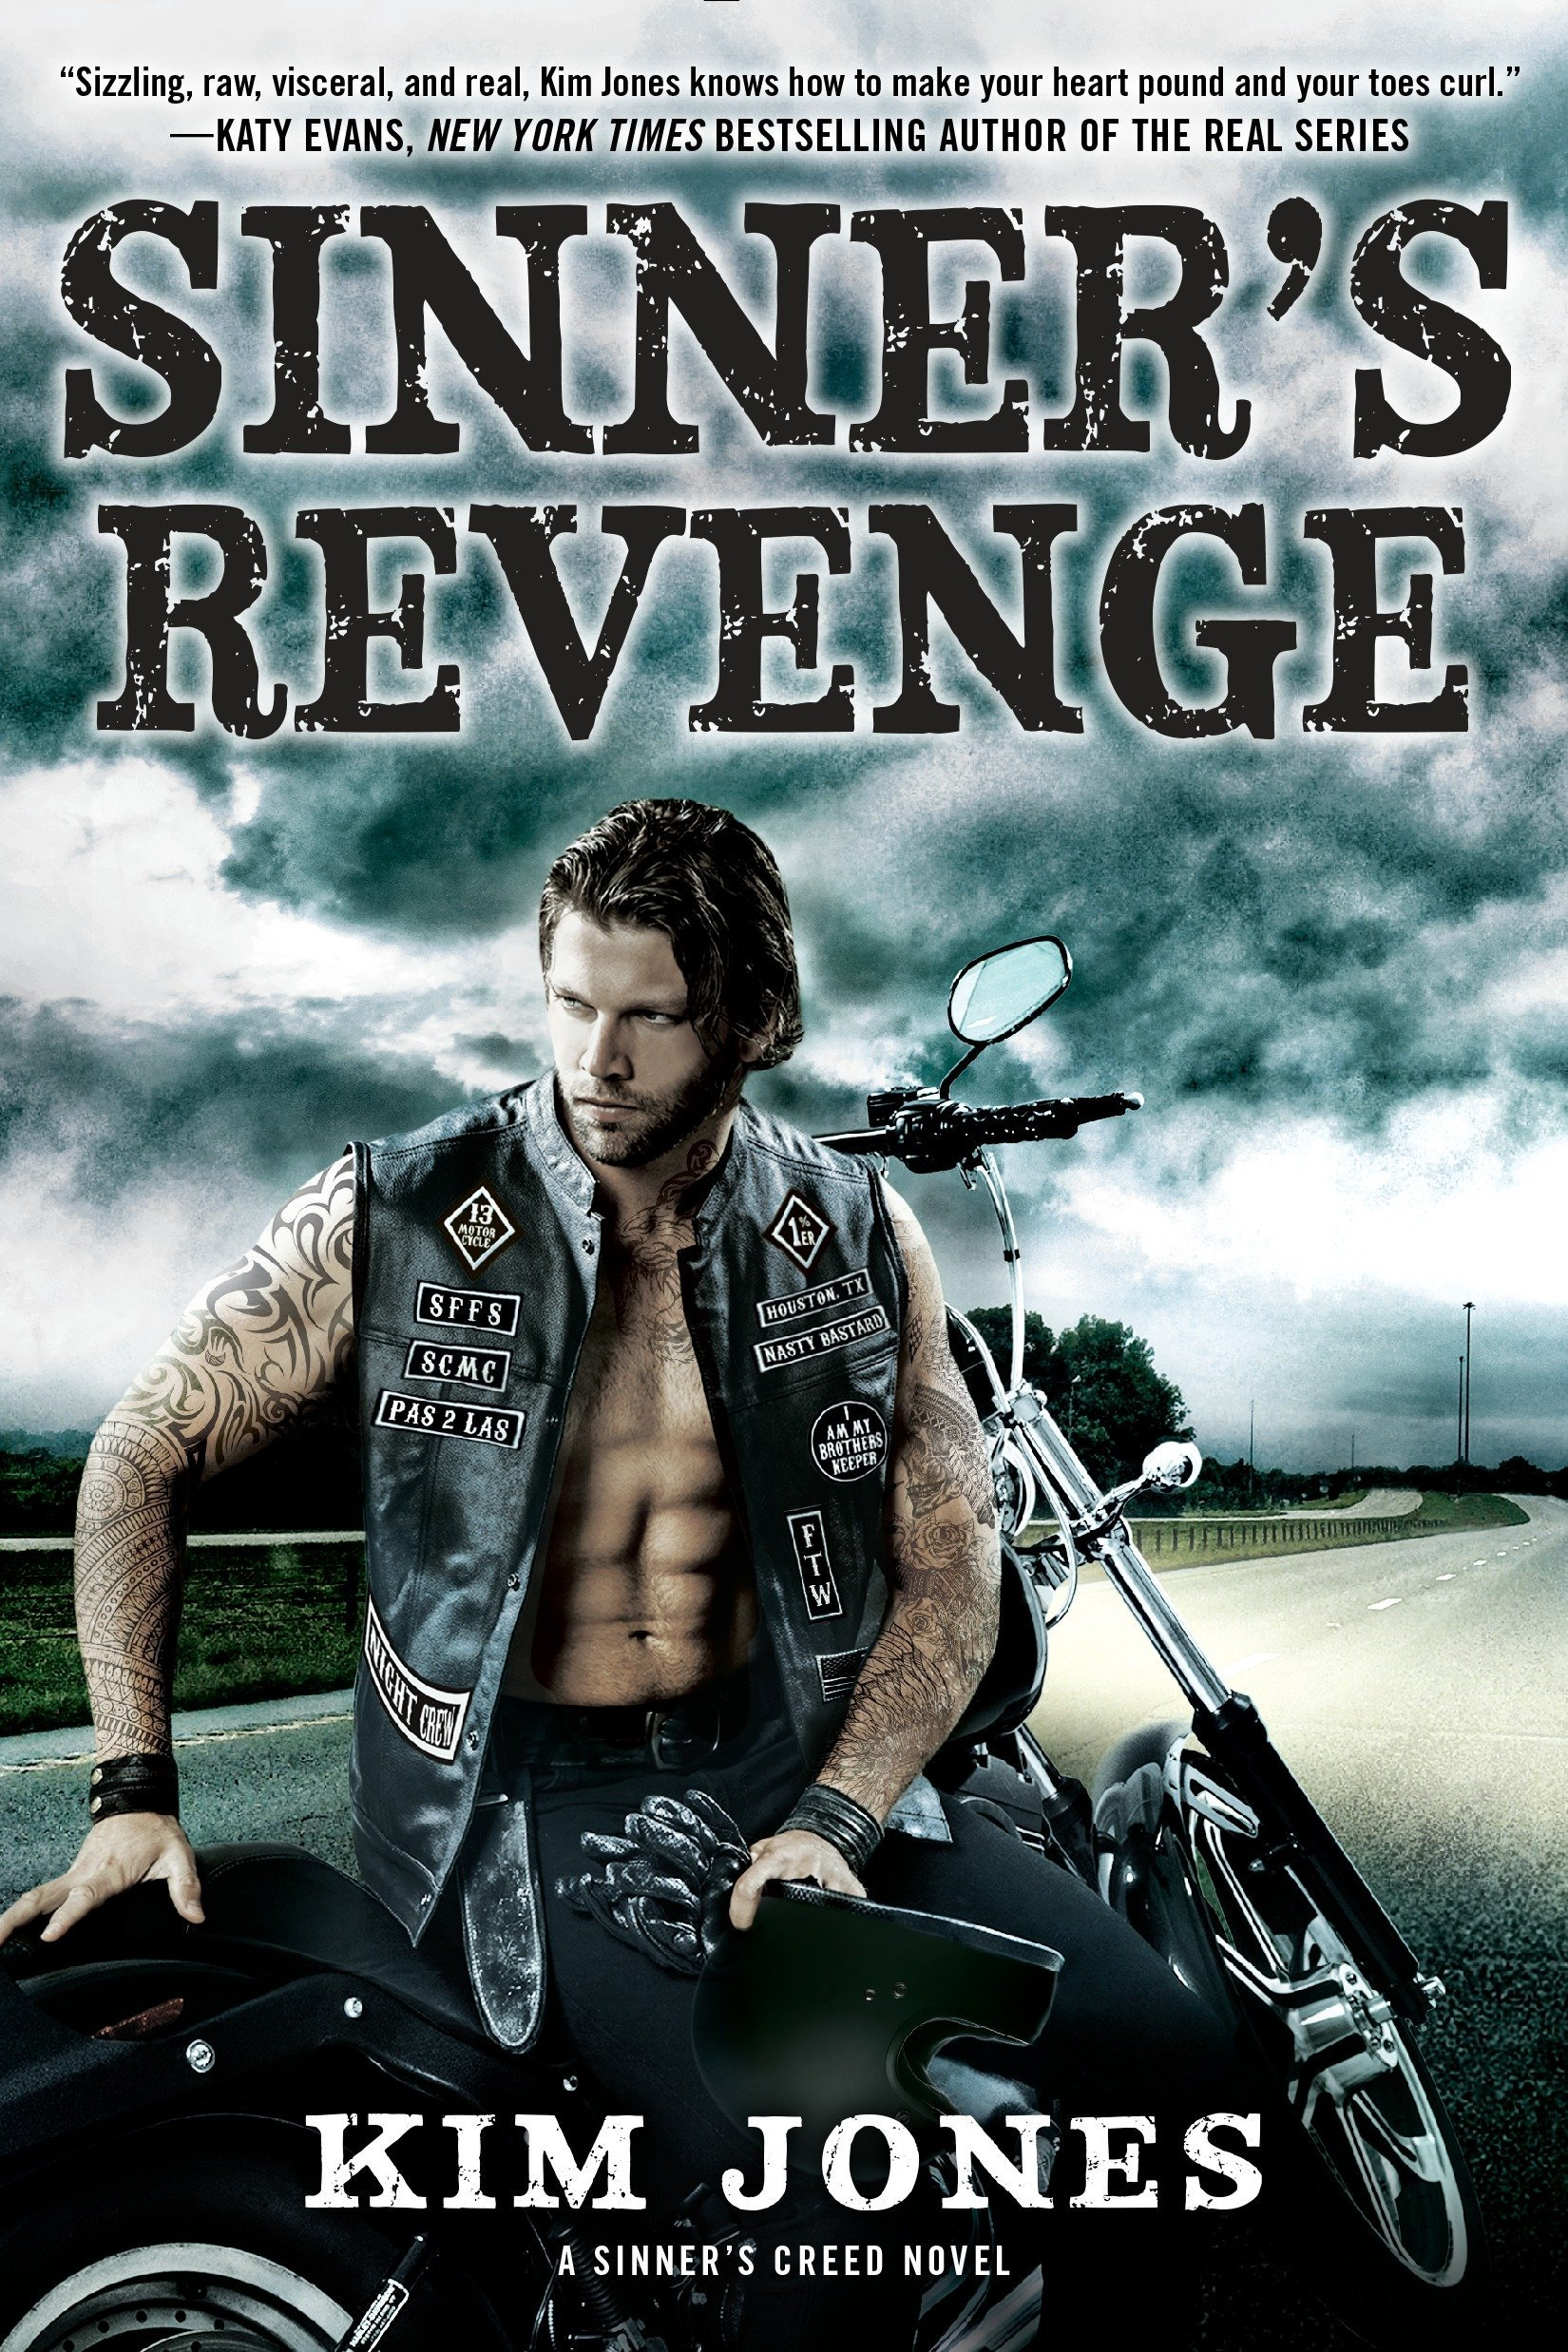 Sinner's Revenge (A Sinner's Creed Novel) by Berkley